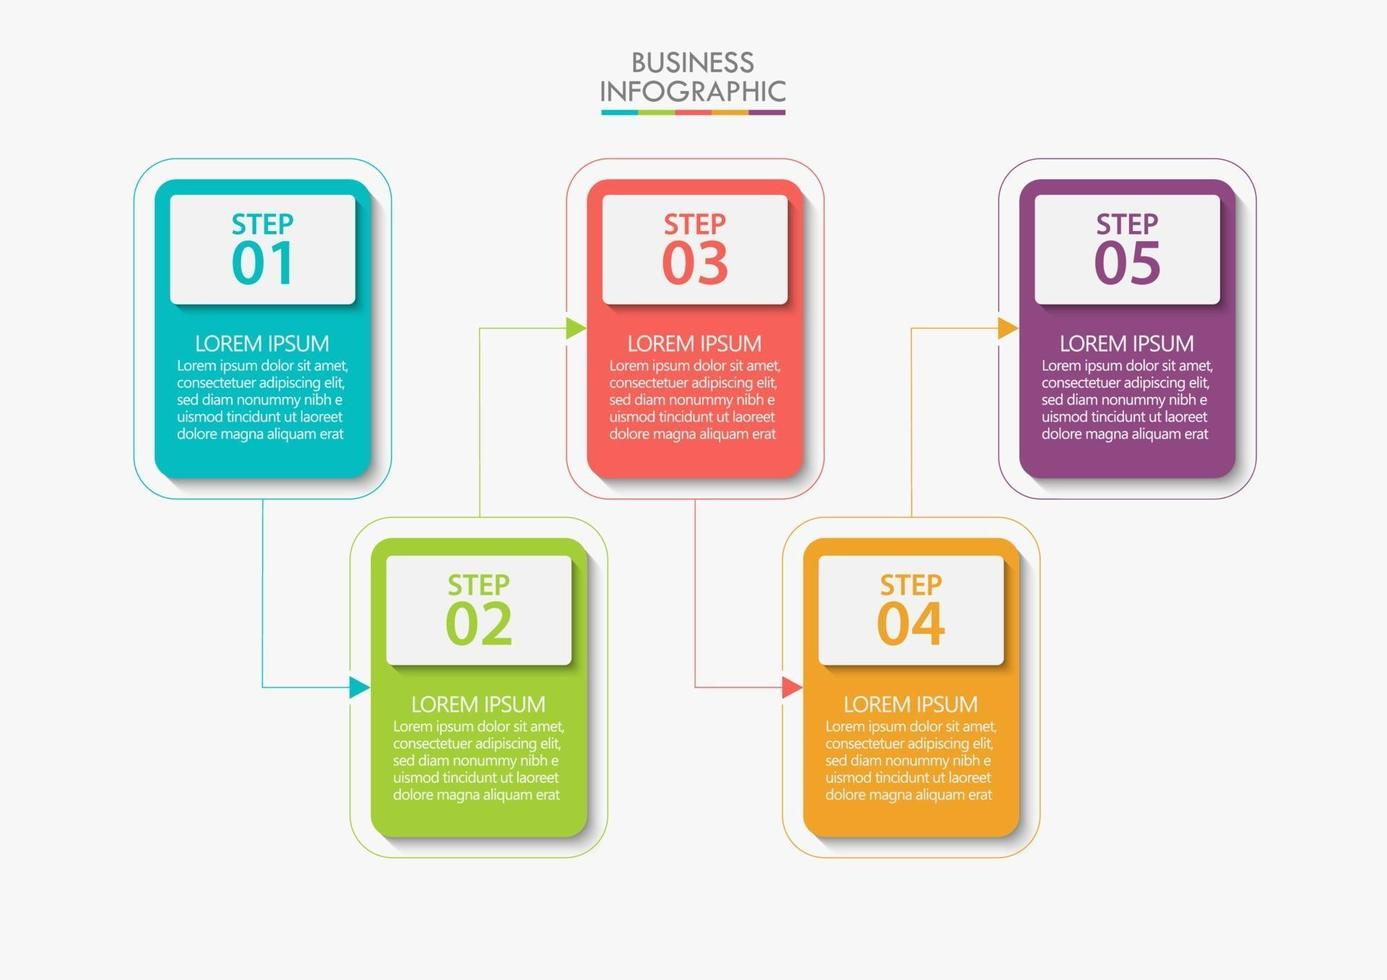 modelo de infográfico de negócios moderno de formato quadrado com 5 opções vetor